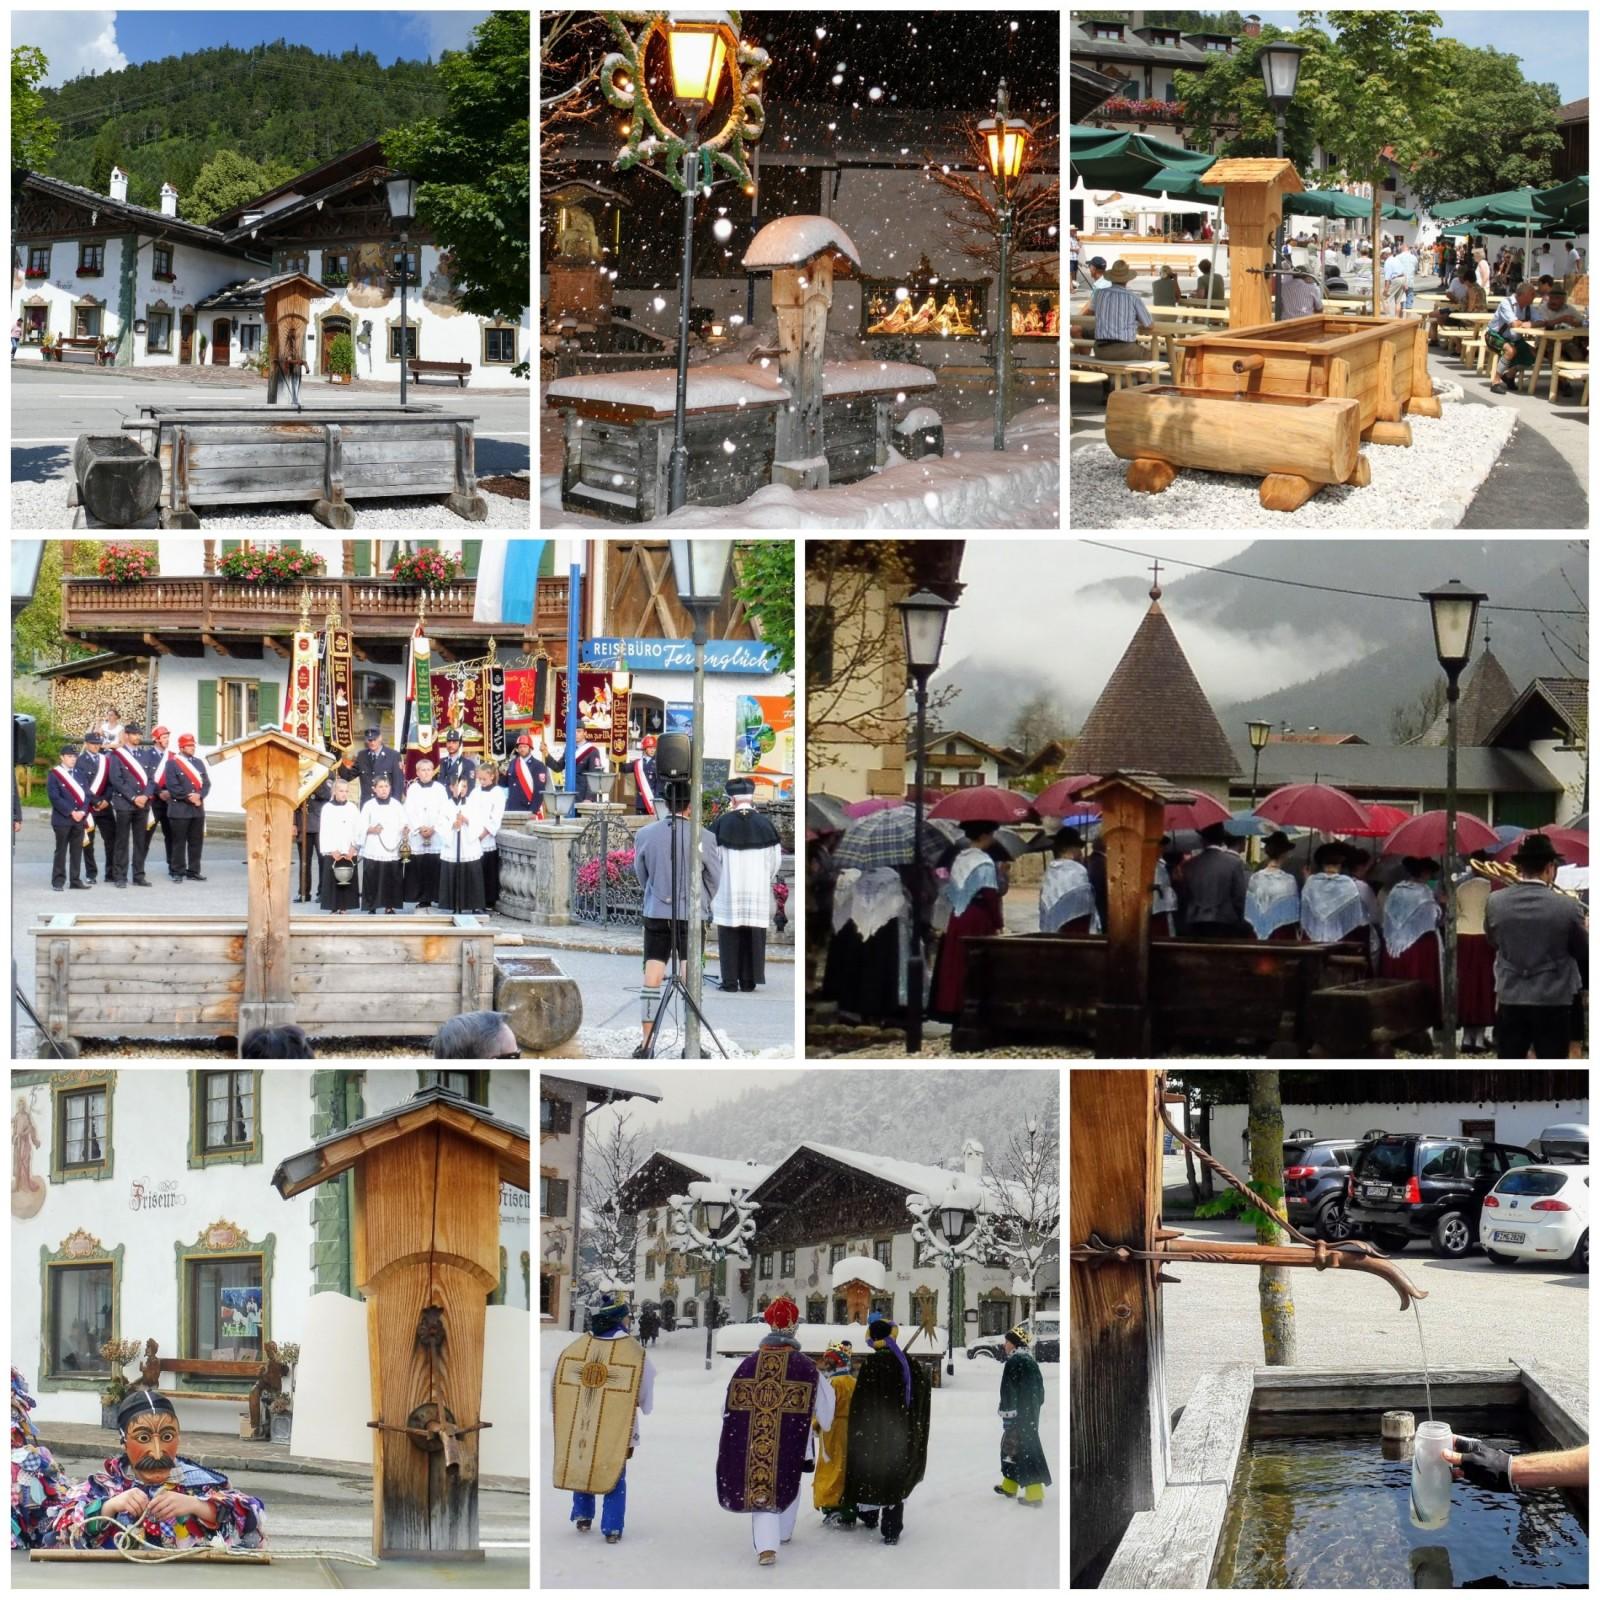 Seit der 1250-Jahrfeier Wallgaus vor gut fünf Jahren steht der Lärchenbrunnen jetzt auf dem Dorfplatz, in dieser Zeit habe ich ihn fotografisch begleitet.